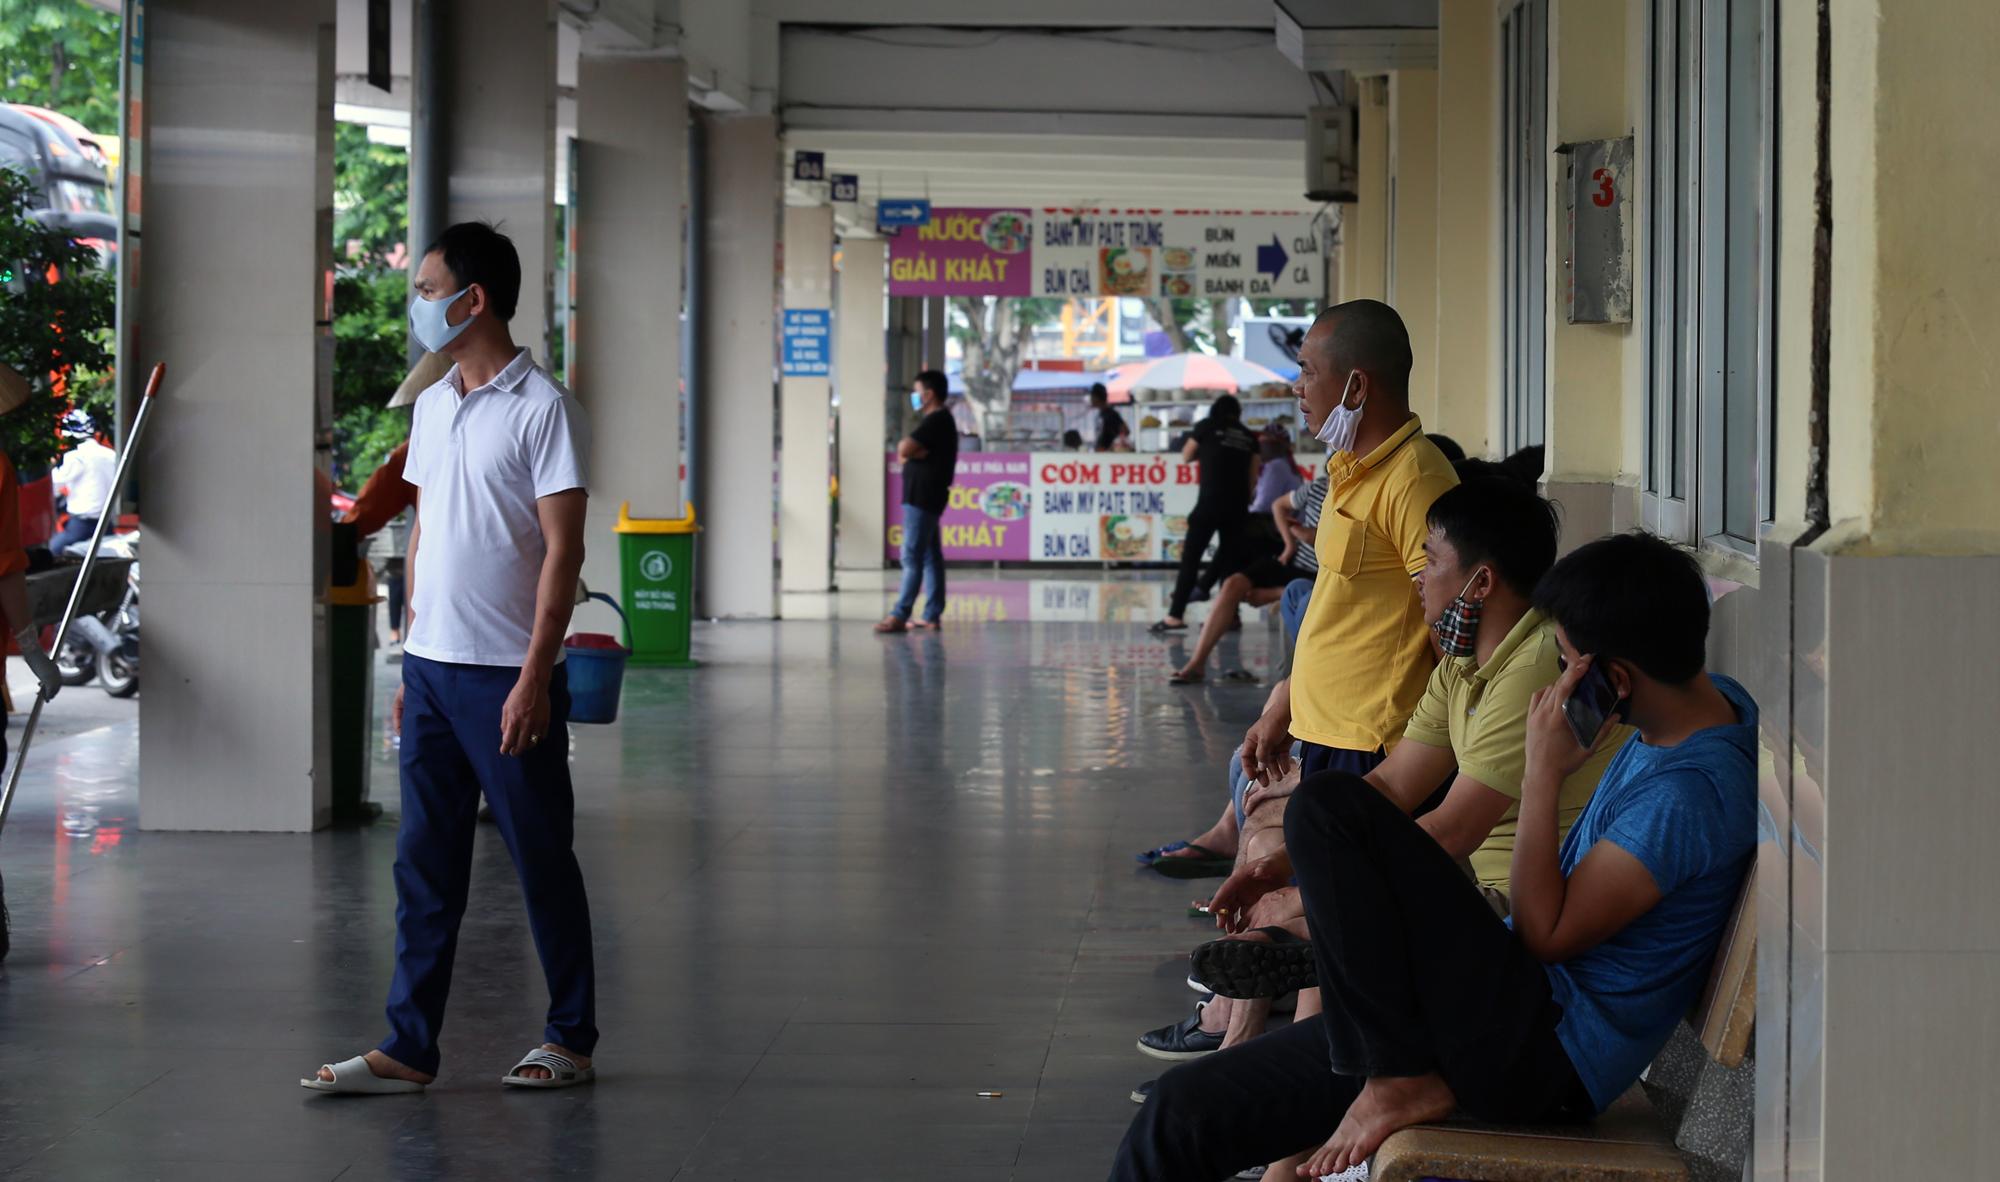 Vận tải khách trở lại bình thường, bến xe ở Hà Nội vẫn vắng vẻ - Ảnh 5.